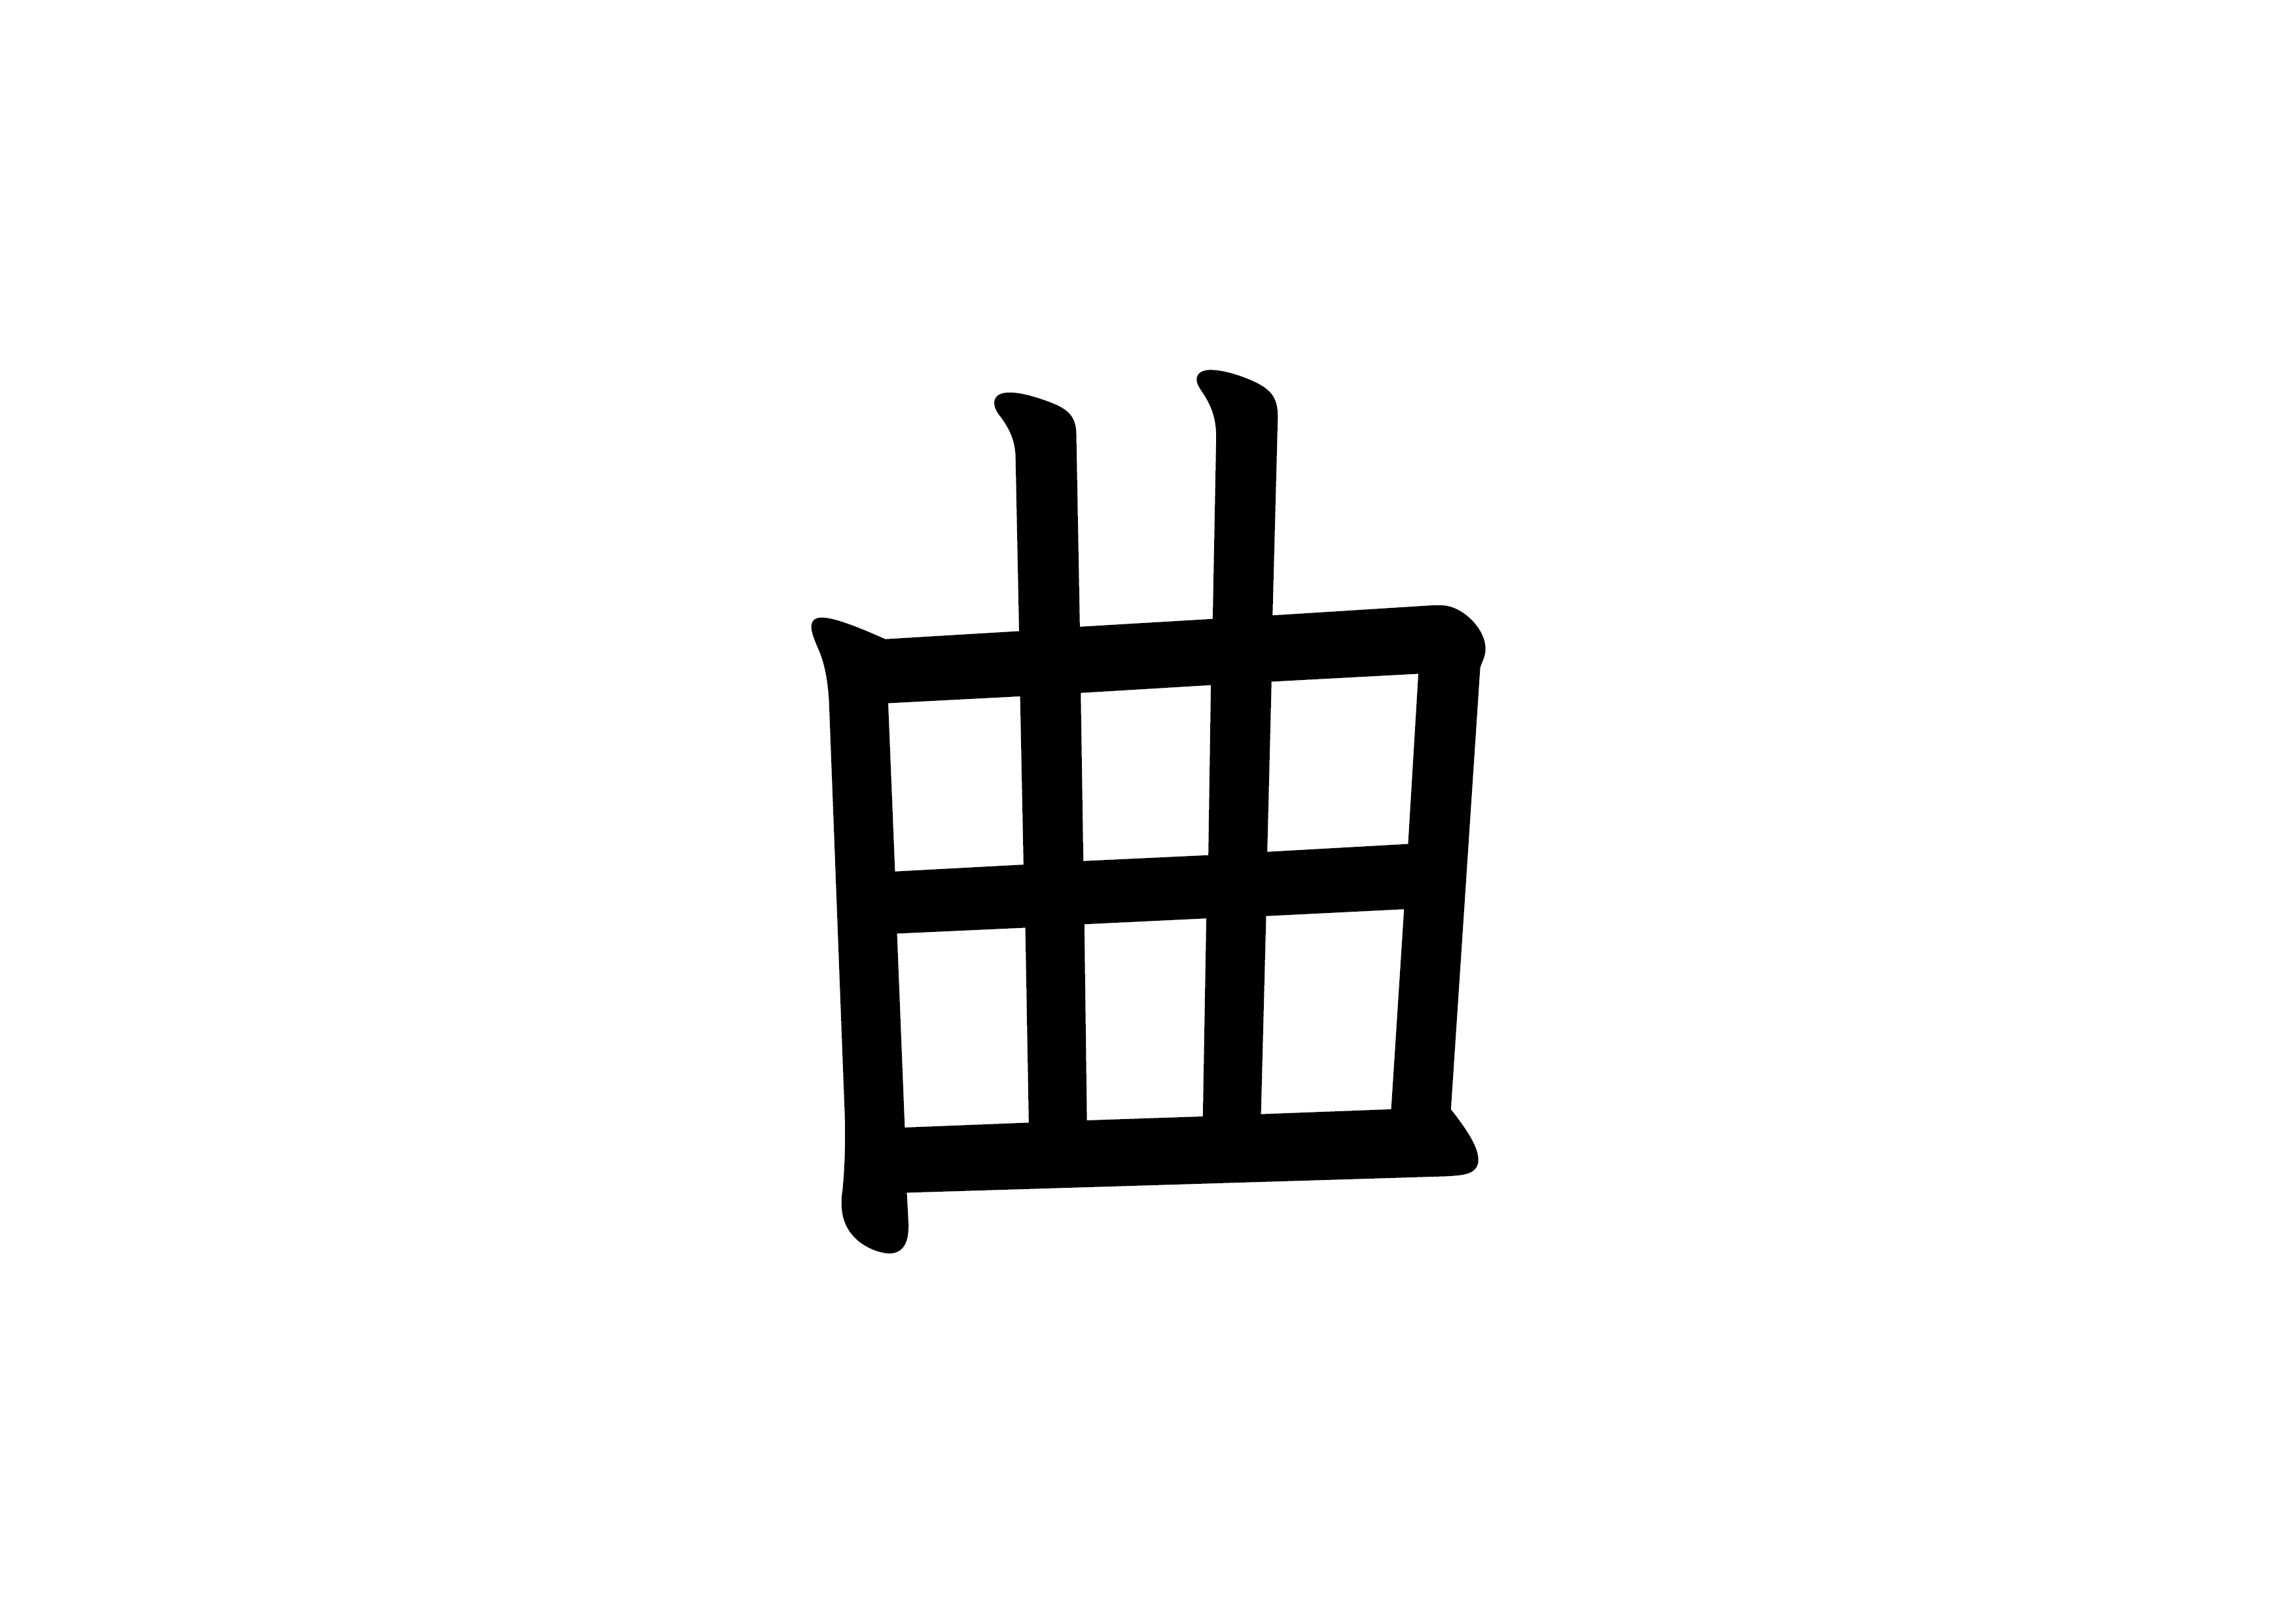 36課フラッシュカード 【曲】